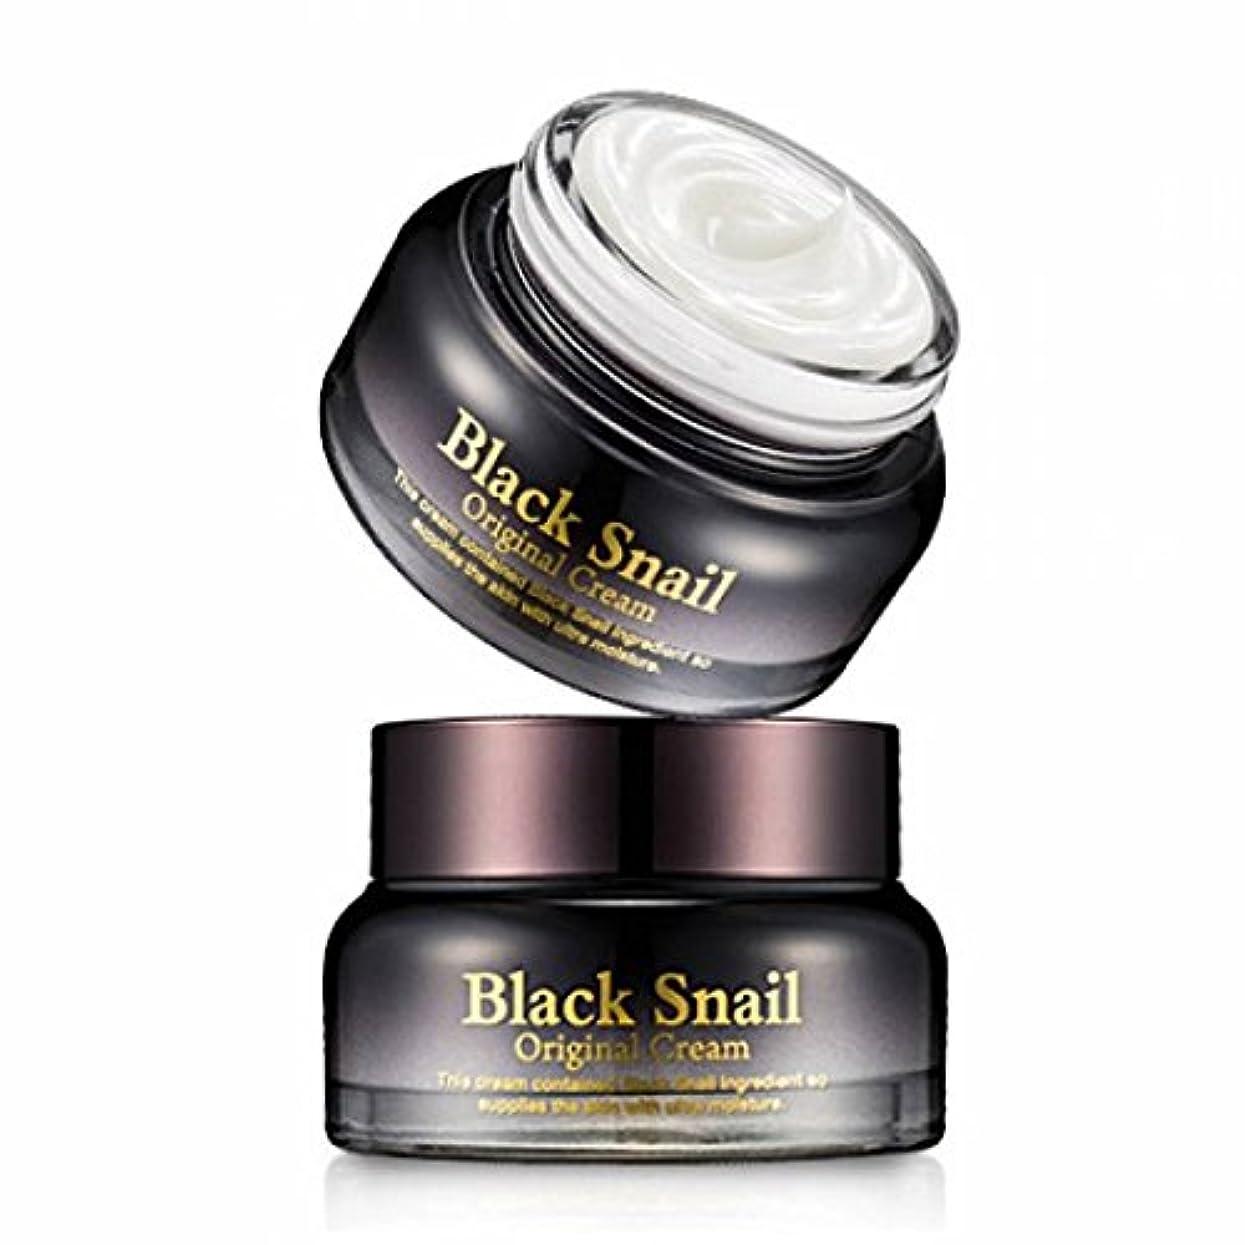 ミッションバラバラにする疑わしいシークレットキー [韓国コスメ Secret Key] ブラックスネイル オリジナルクリーム Secret Key Black Snail Original Cream [並行輸入品]